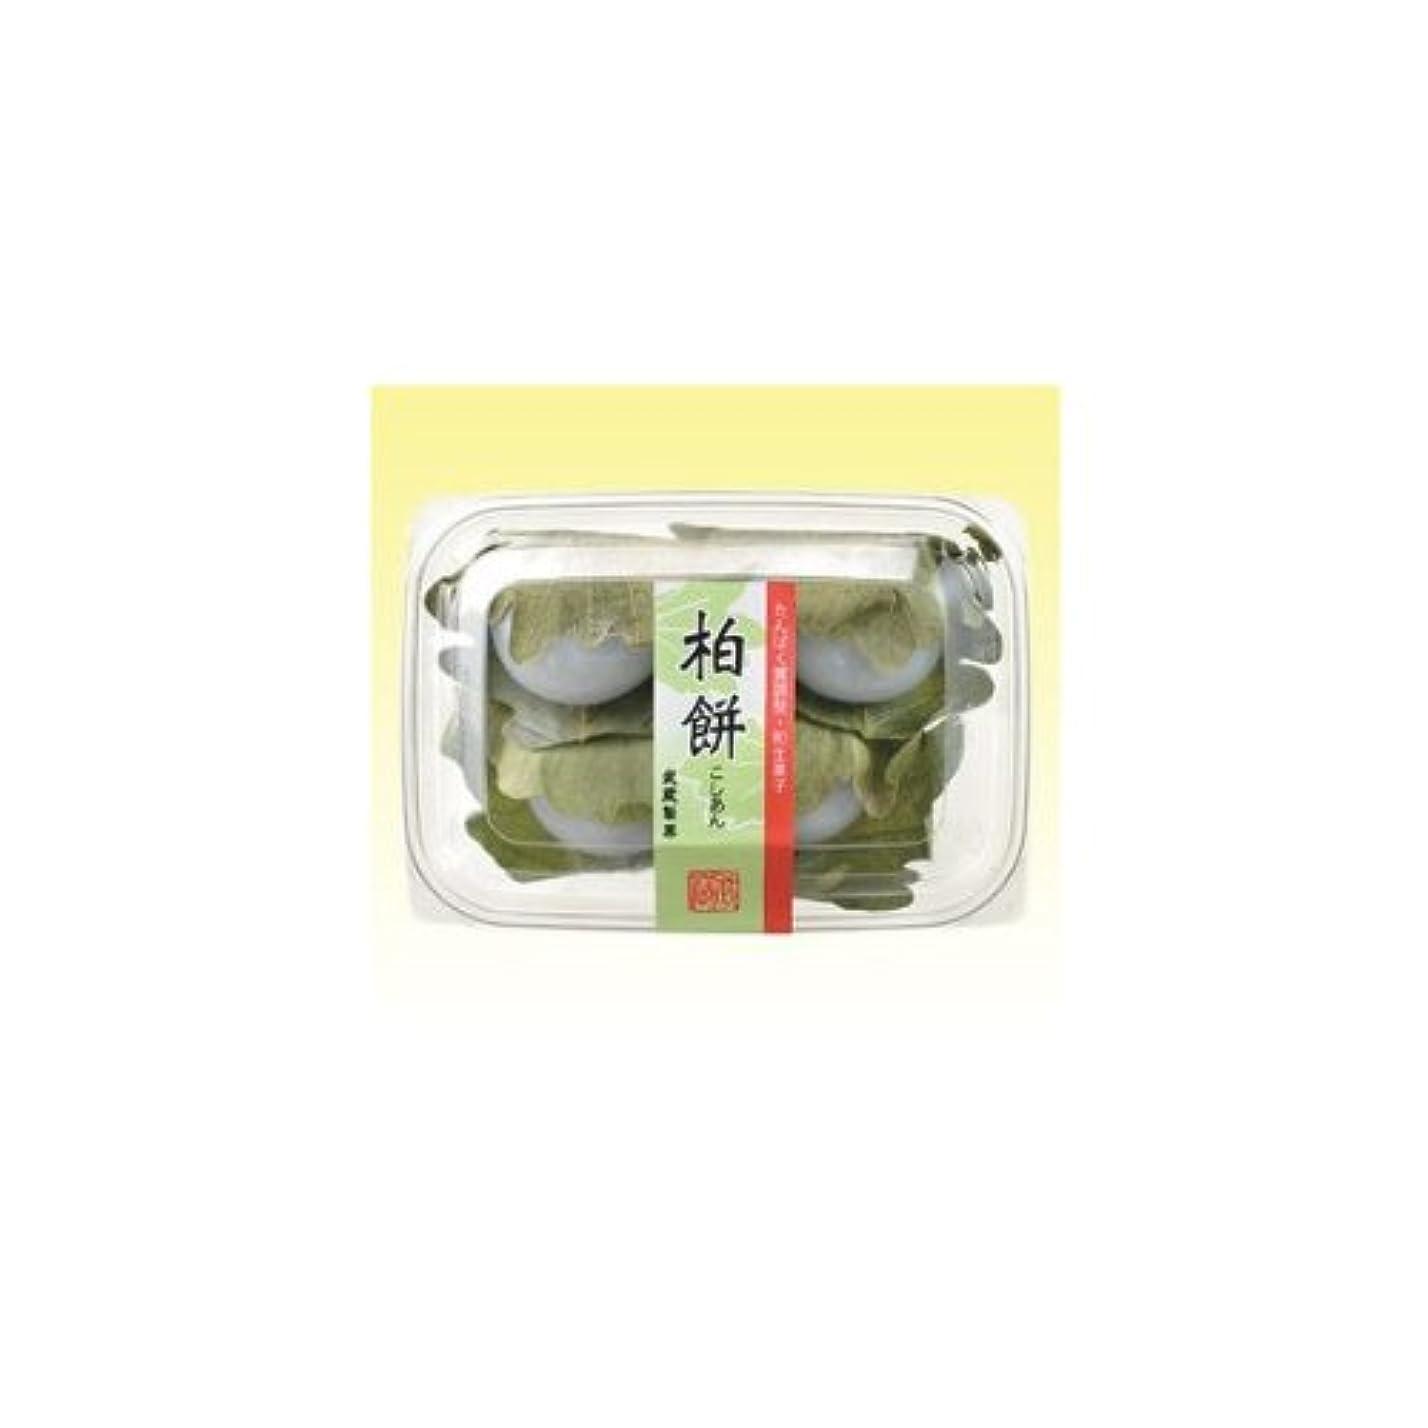 半ばかなりの手入れ【冷凍】たんぱく調整和菓子 柏餅(こしあん) 60g×4個